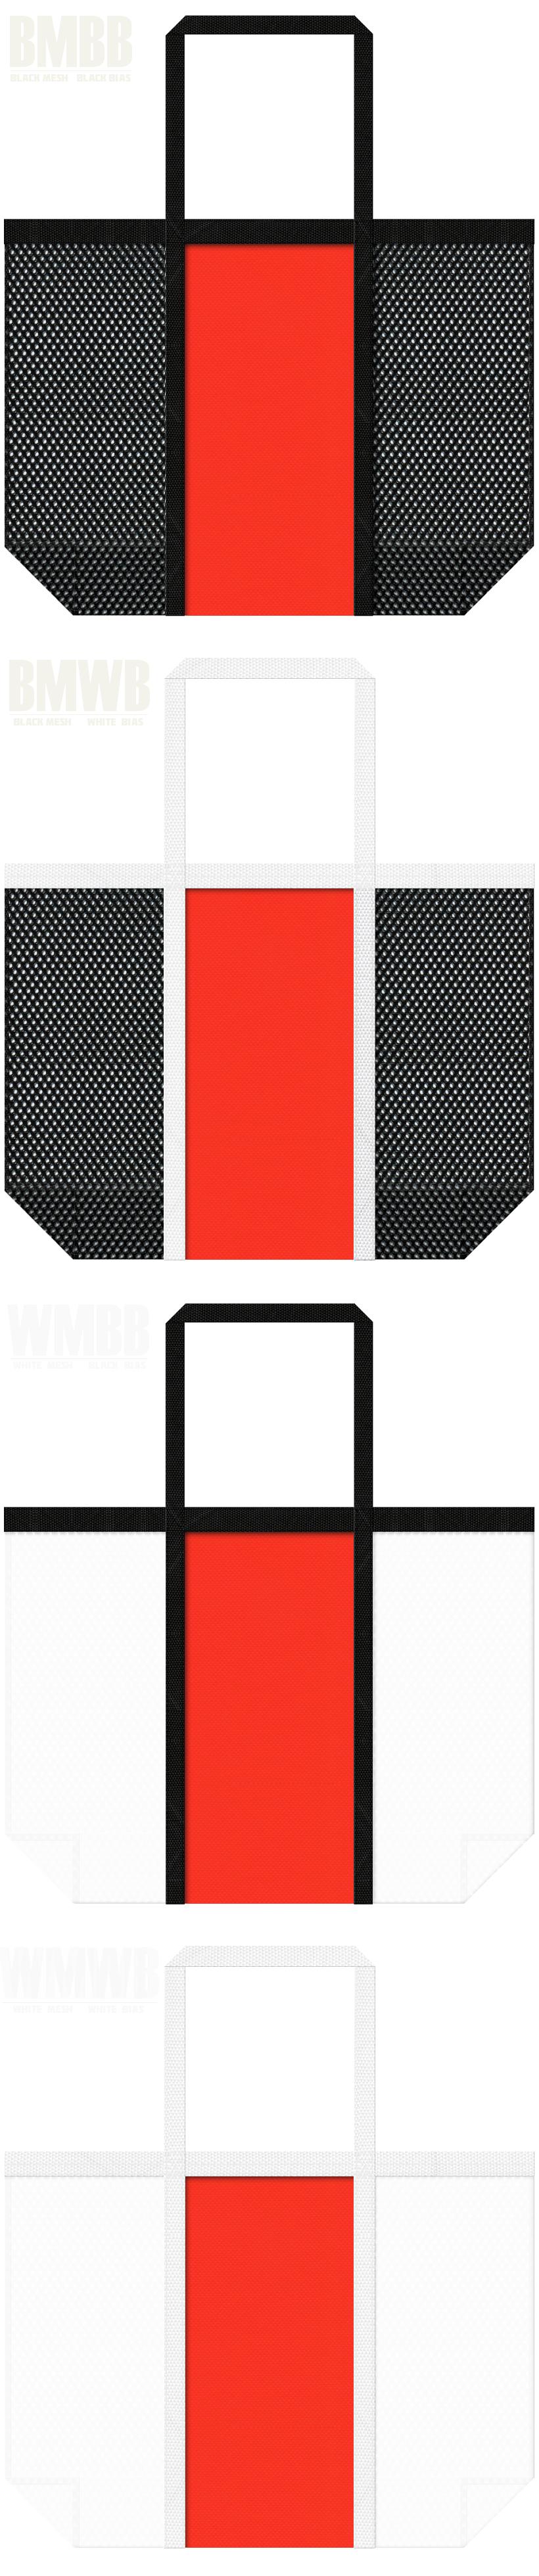 台形型メッシュバッグのカラーシミュレーション:黒色・白色メッシュとオレンジ色不織布の組み合わせ